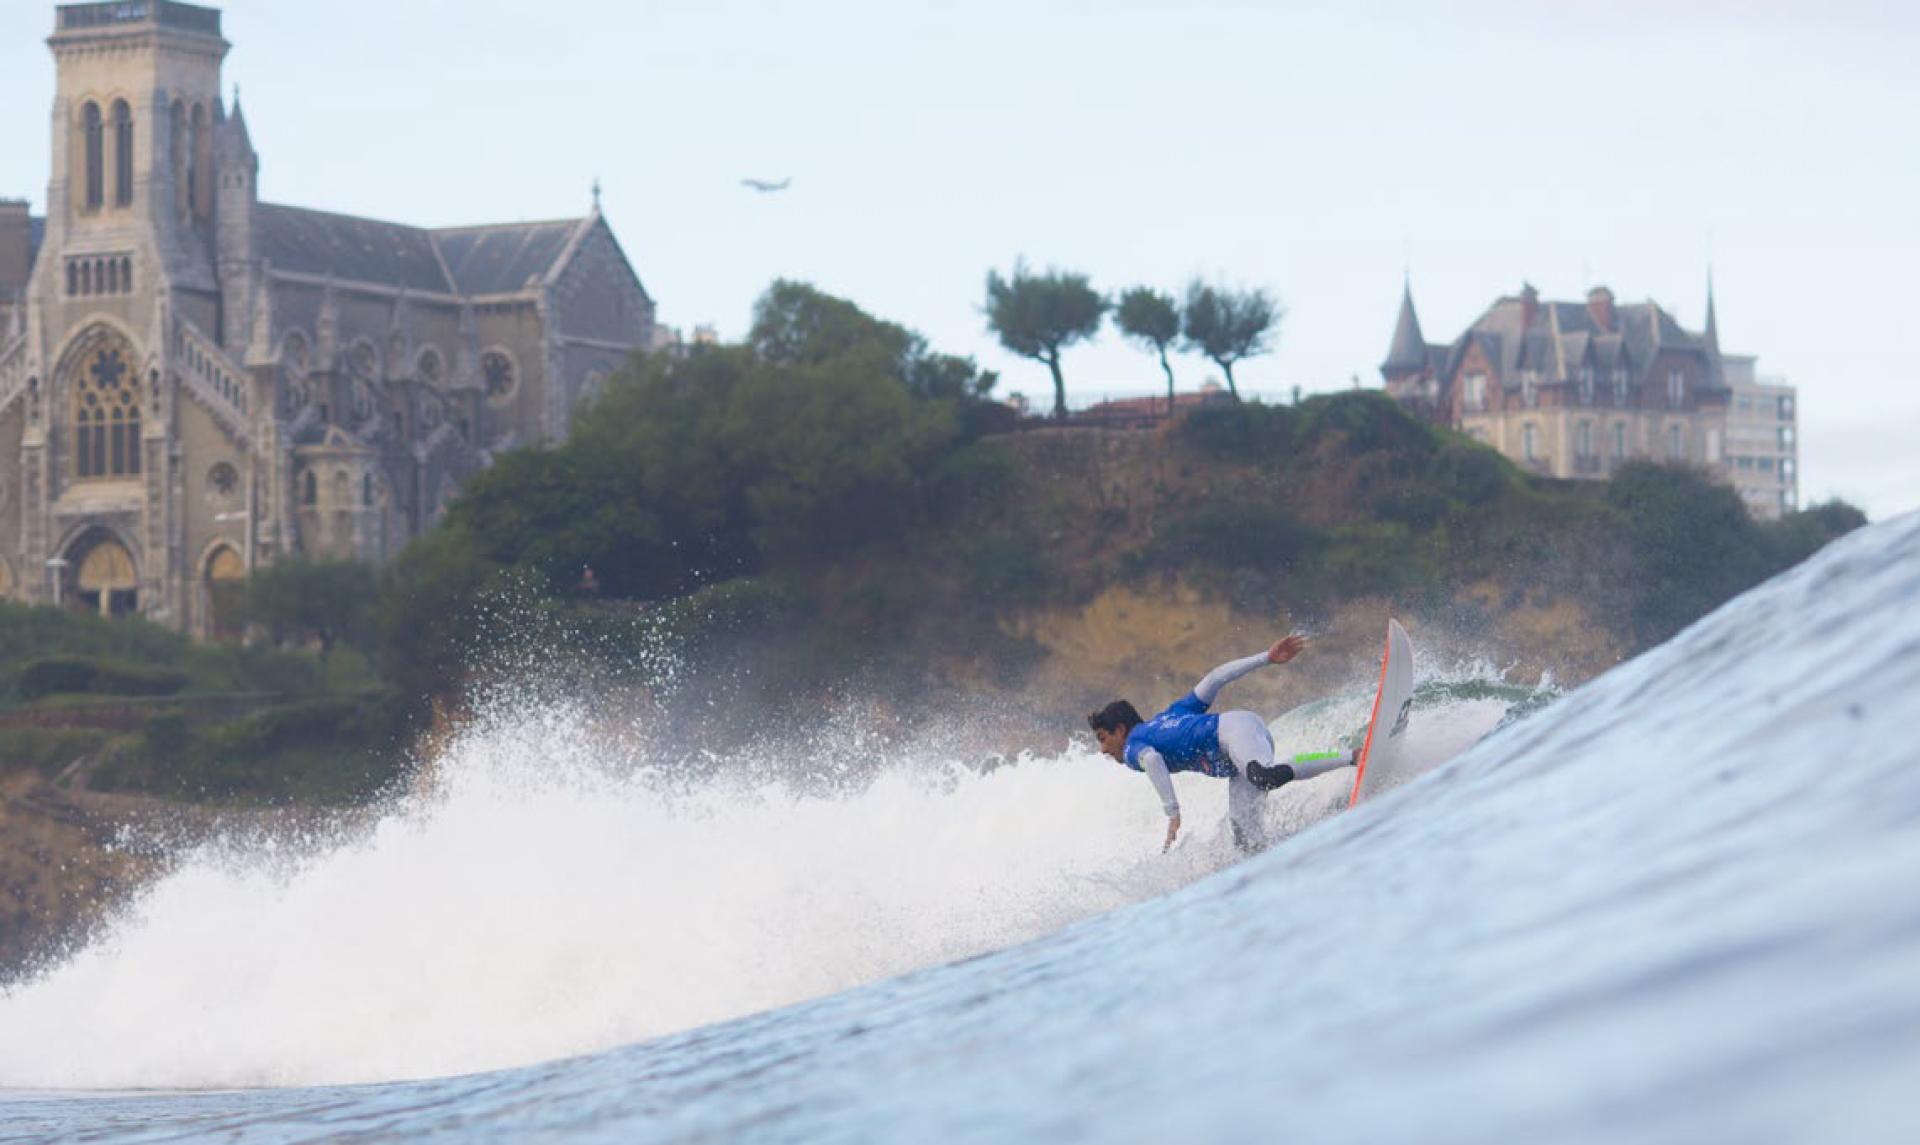 La ISA y la World Surf League alcanzan histórico acuerdo antidopaje